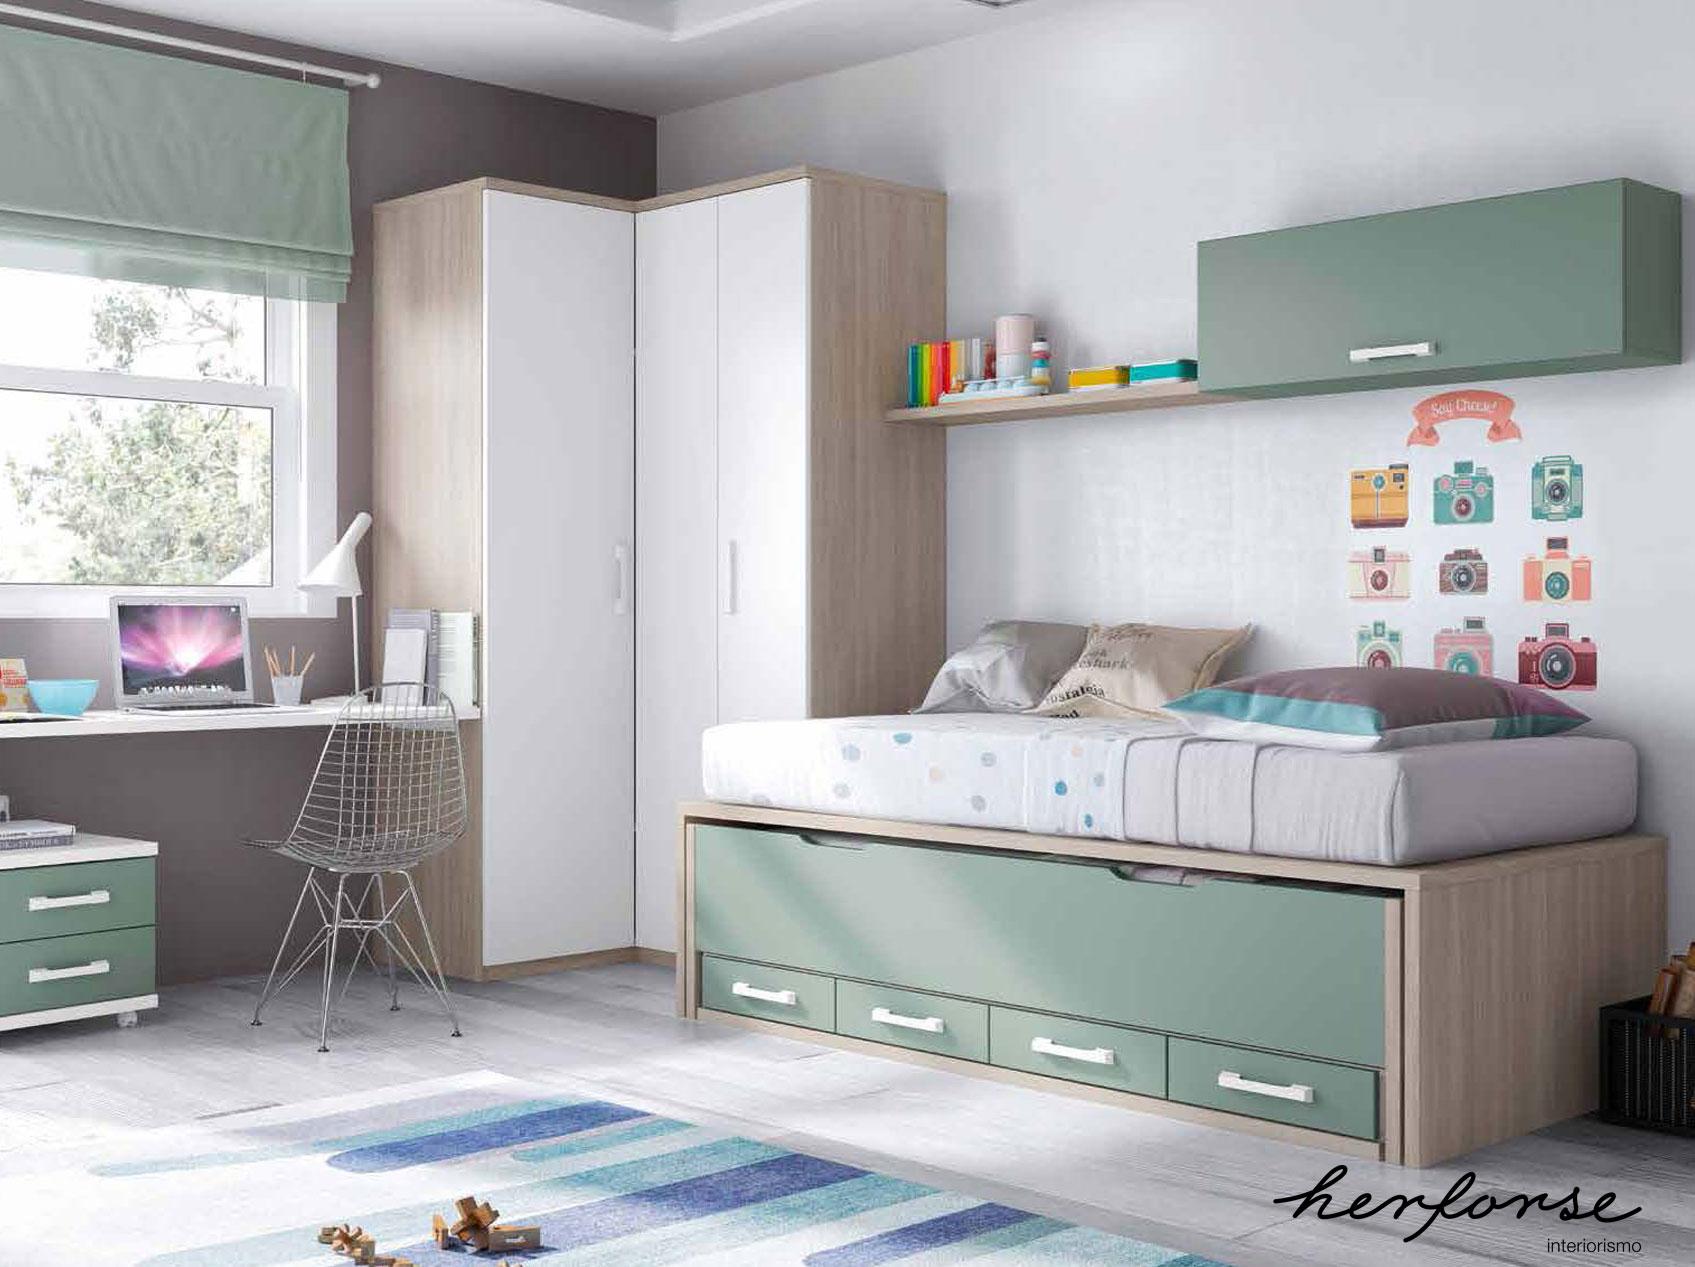 Compactos dobles camas juveniles herforseinteriorismo for Habitaciones compactas